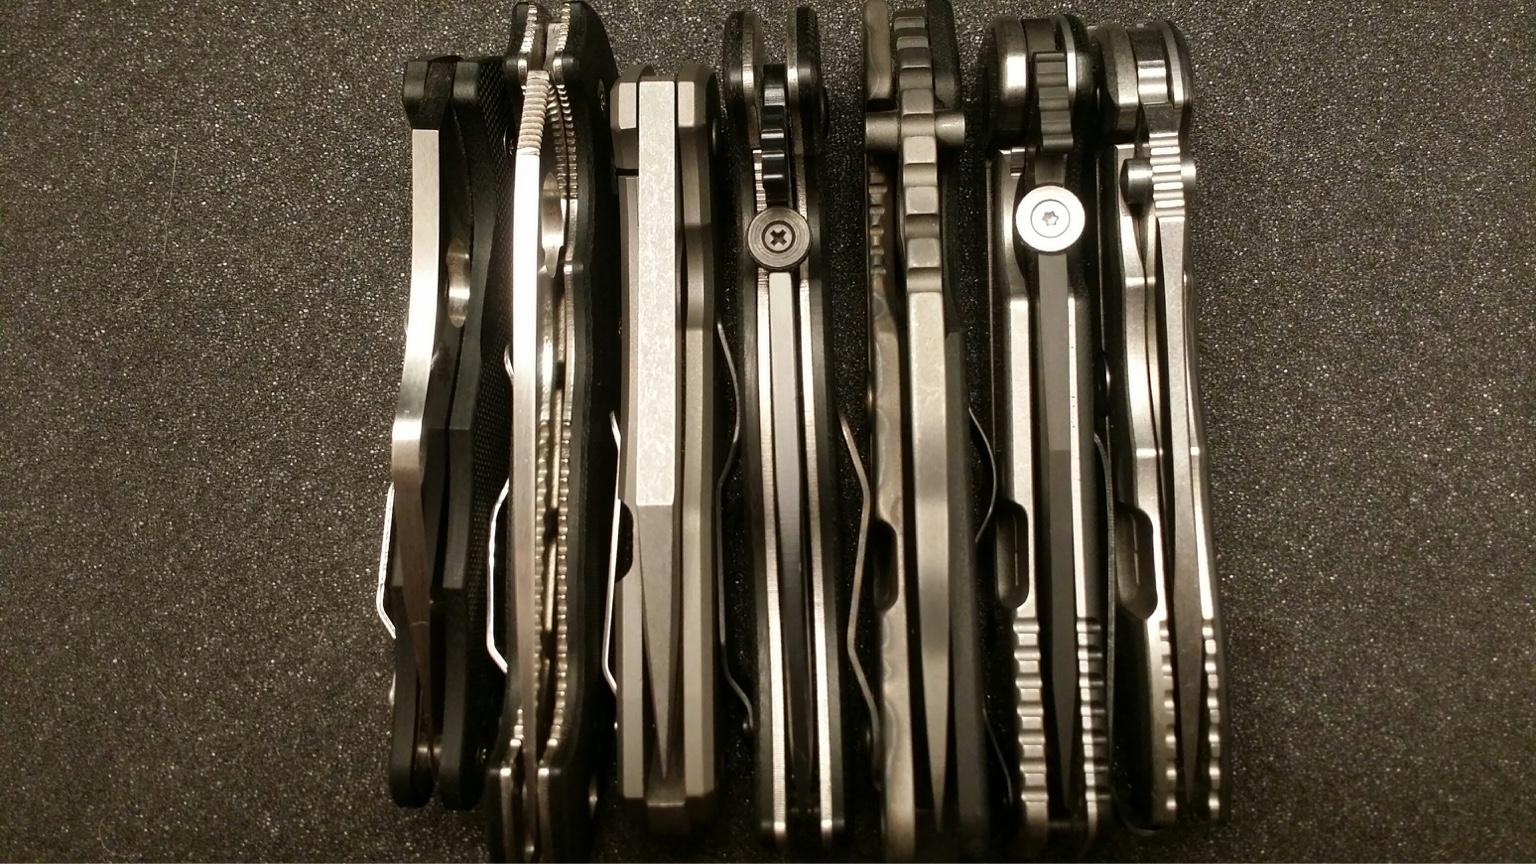 WTS/WTT: Knife Sale: Strider, Emerson, ZT, Spyderco, Boker